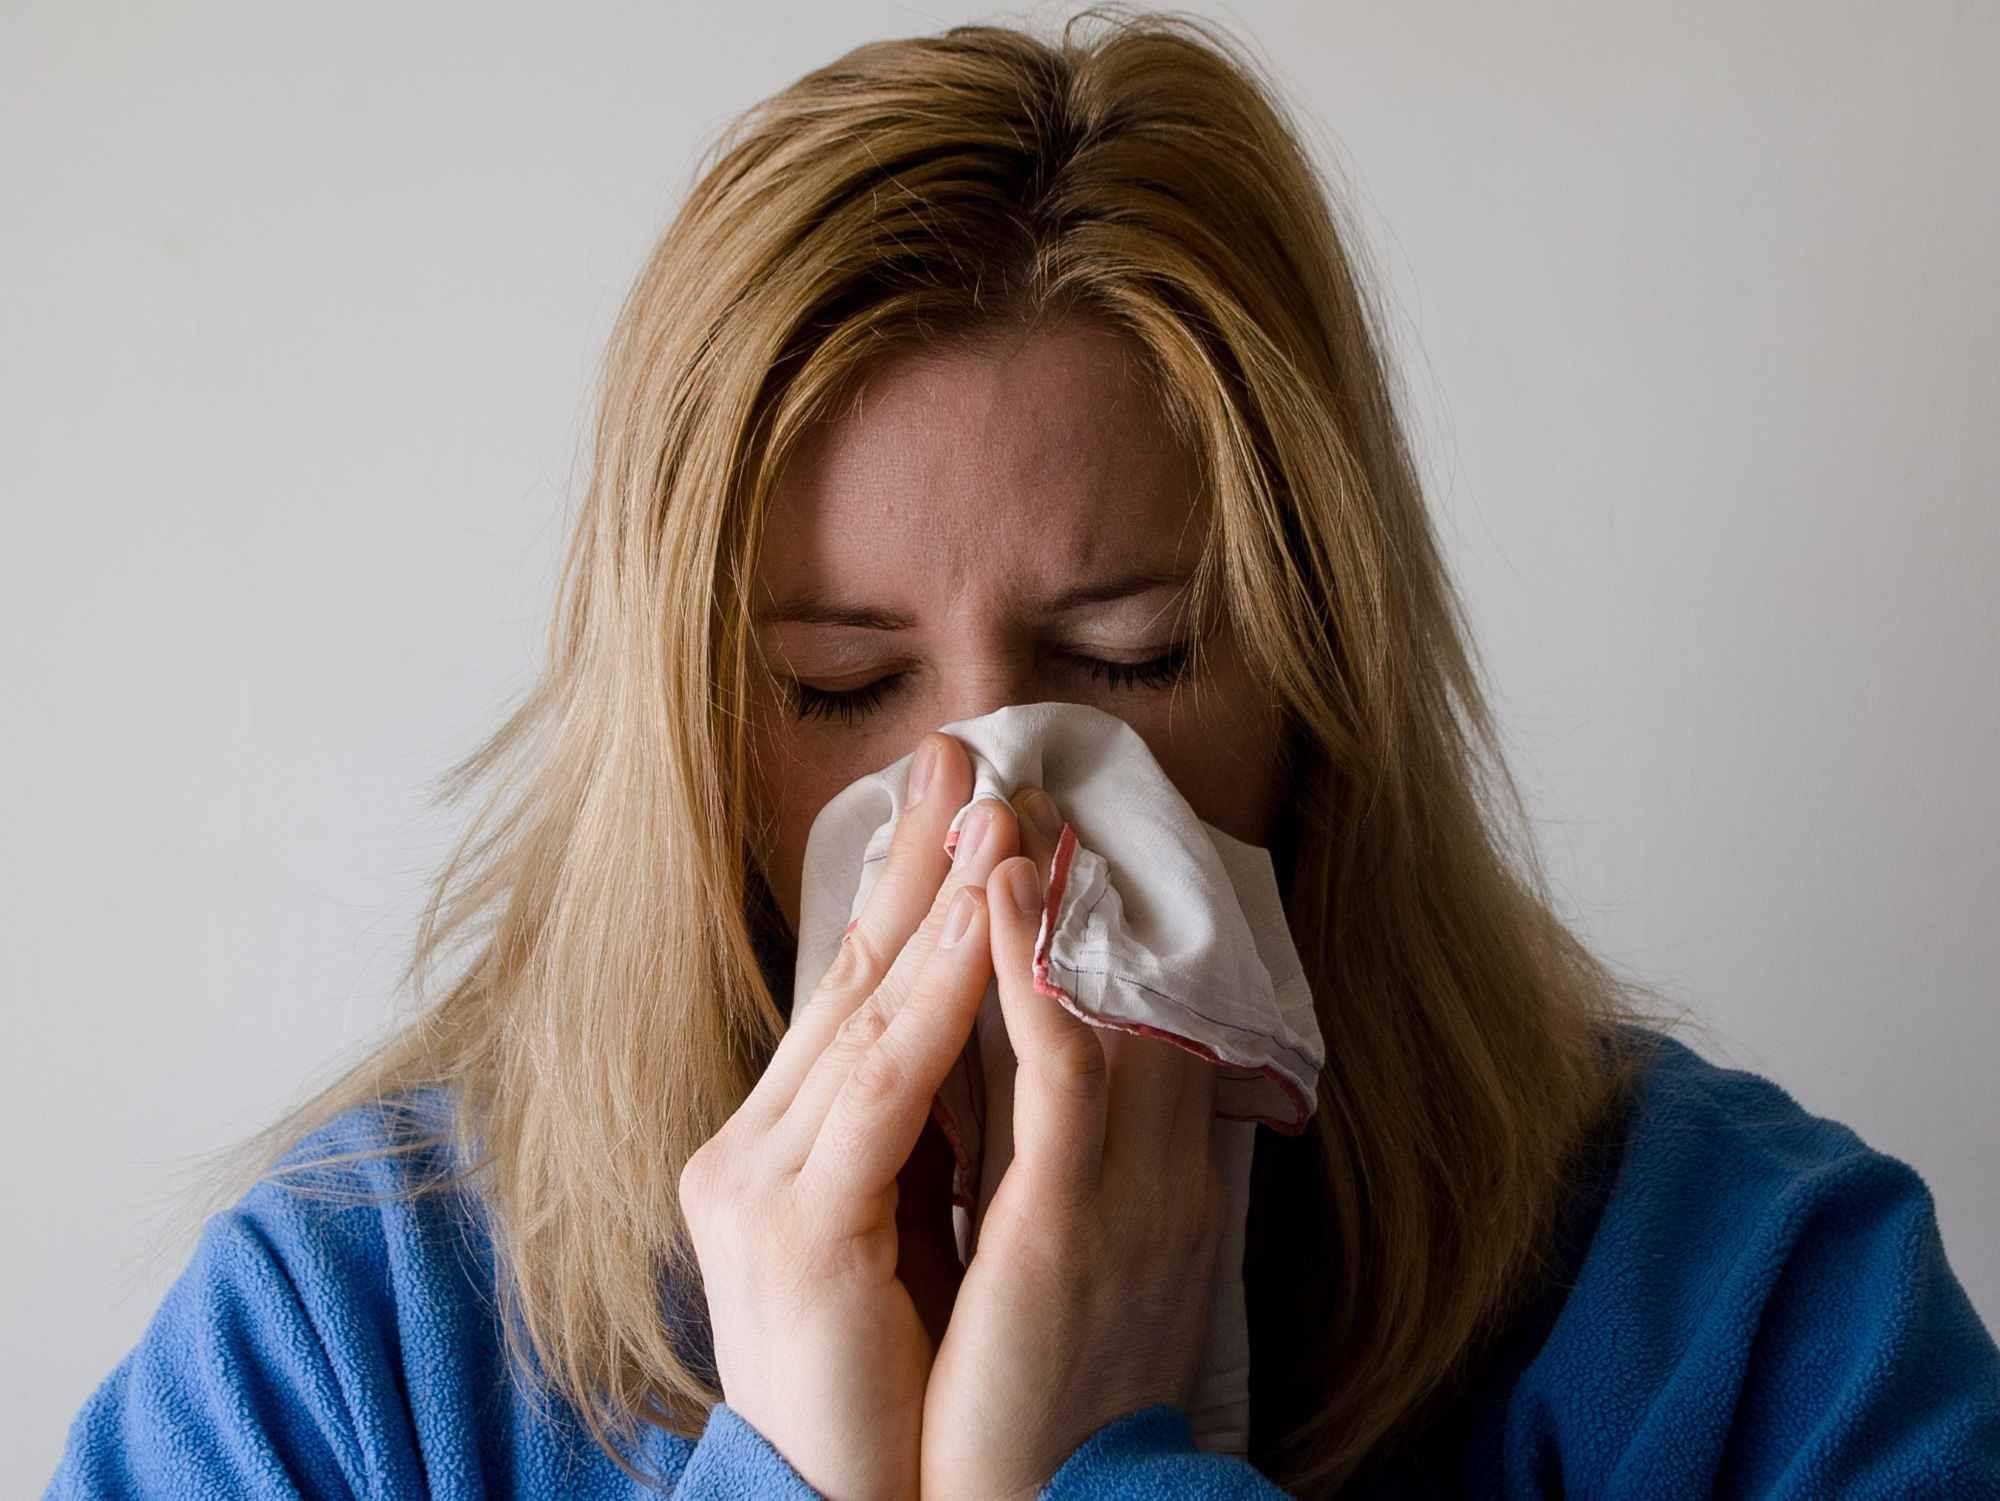 Cô gái người Mỹ qua đời vì căn bệnh cúm mùa từng bùng phát dữ dội trên thế giới, ai cùng cần học cách phòng tránh - Ảnh 3.